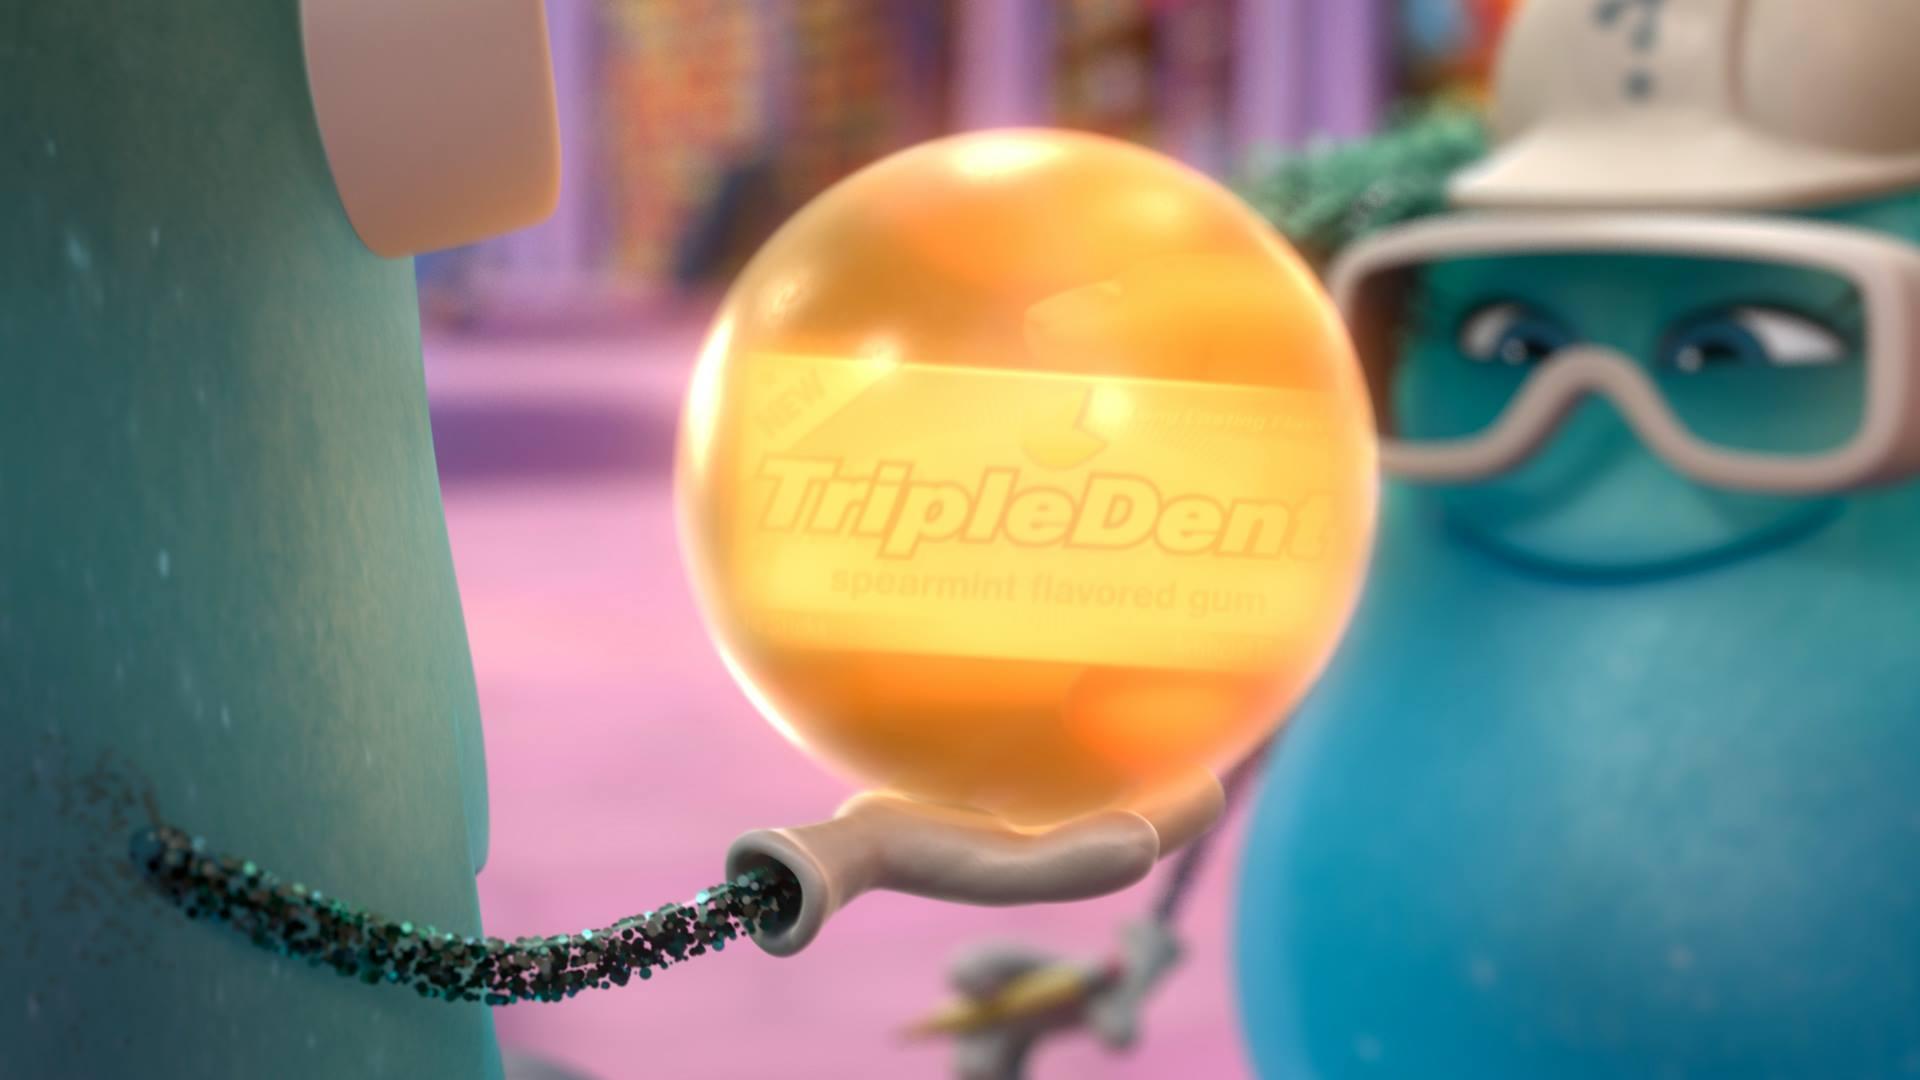 TripleDent Gum | Disney Wiki | FANDOM powered by Wikia